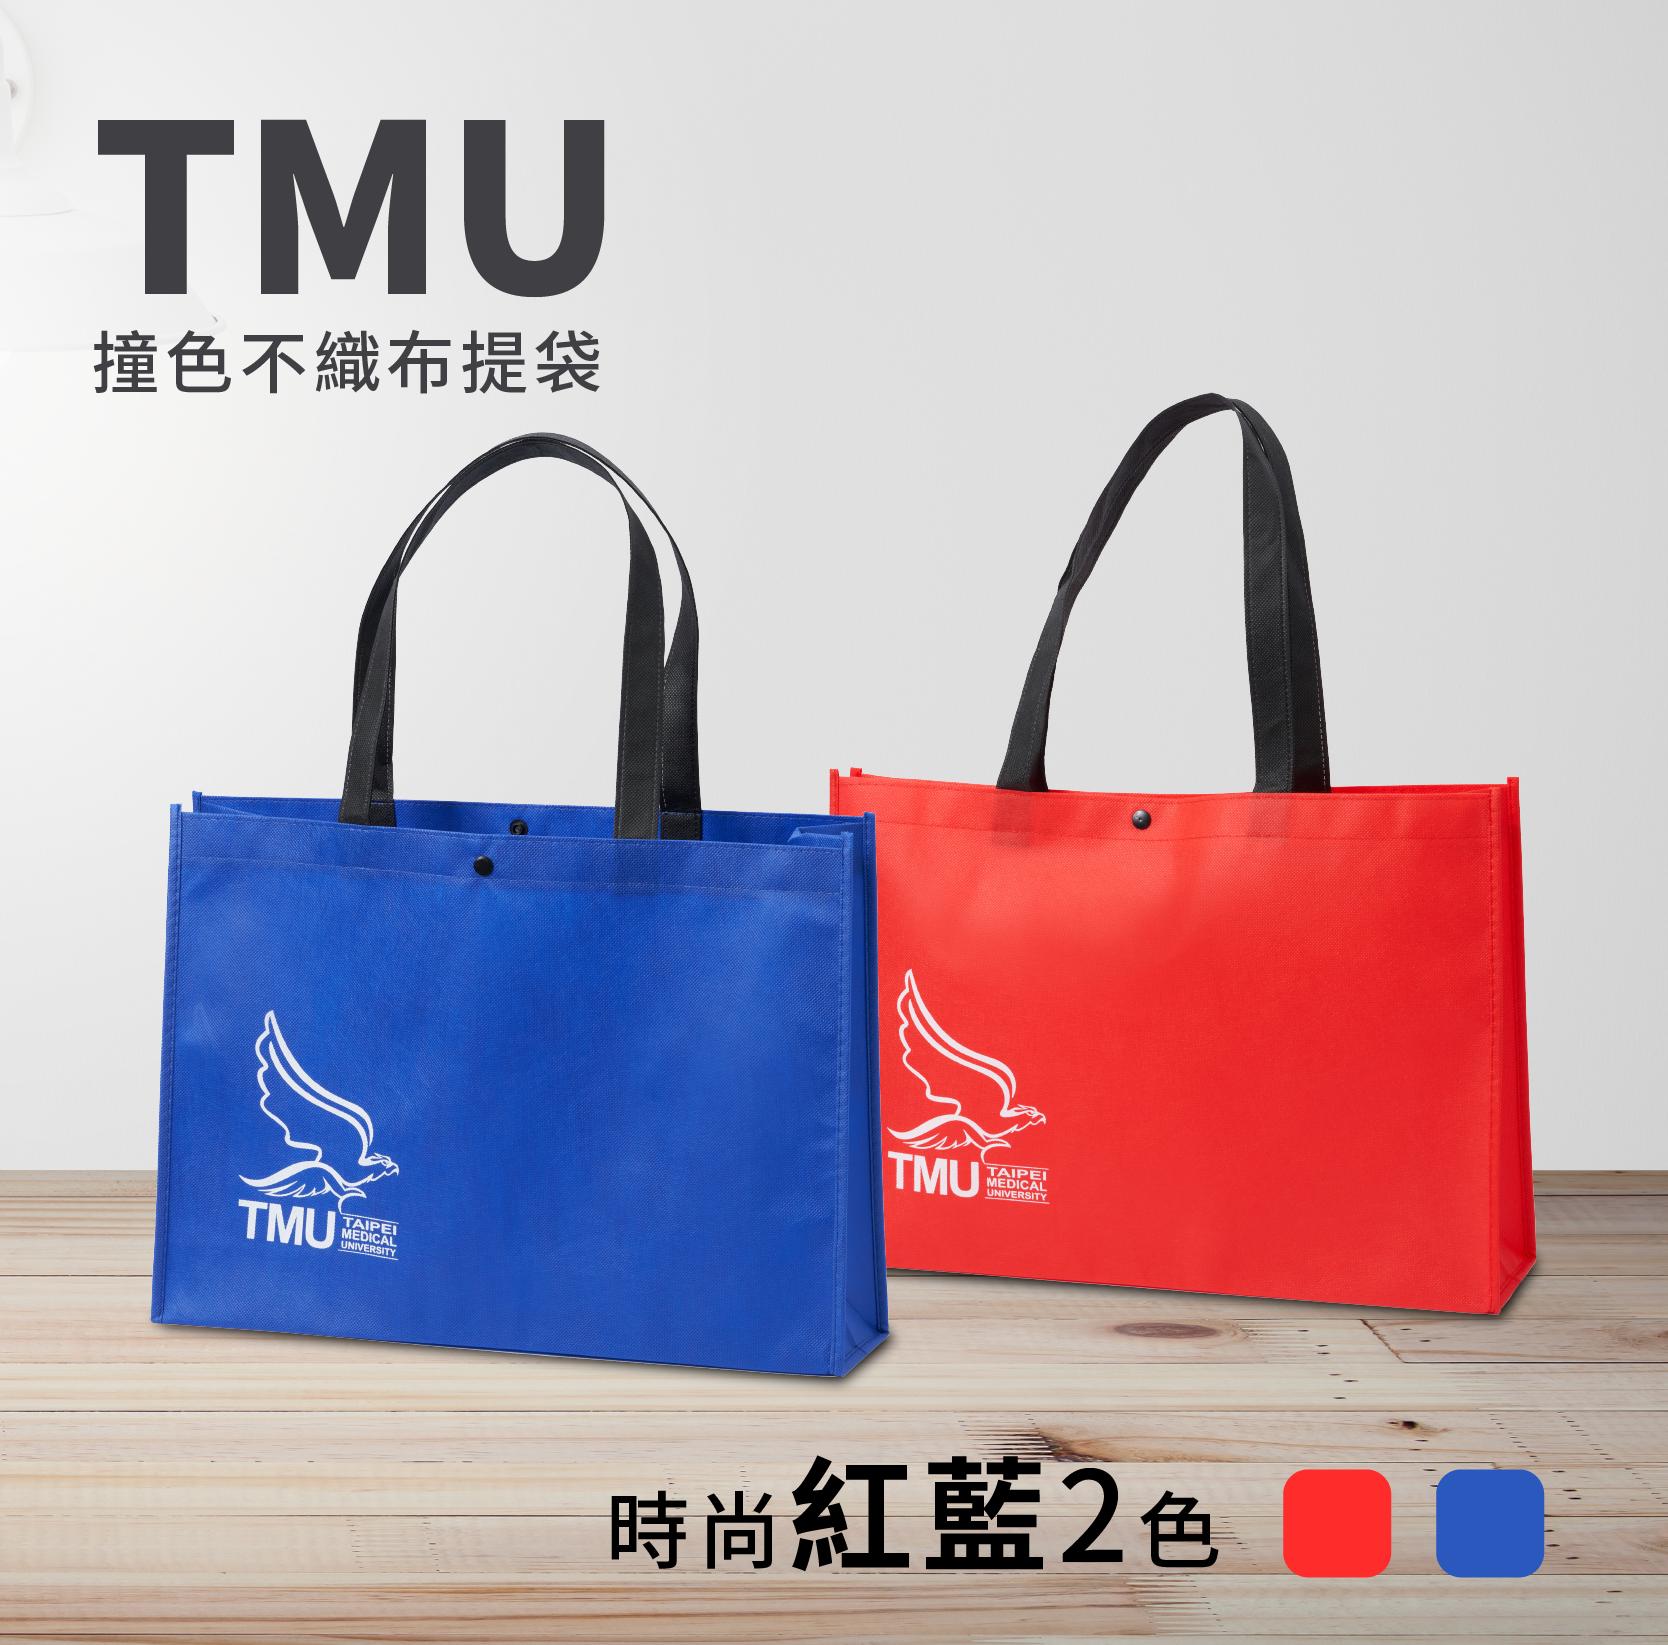 TMU 不織布提袋 (鳳頭蒼鷹款)